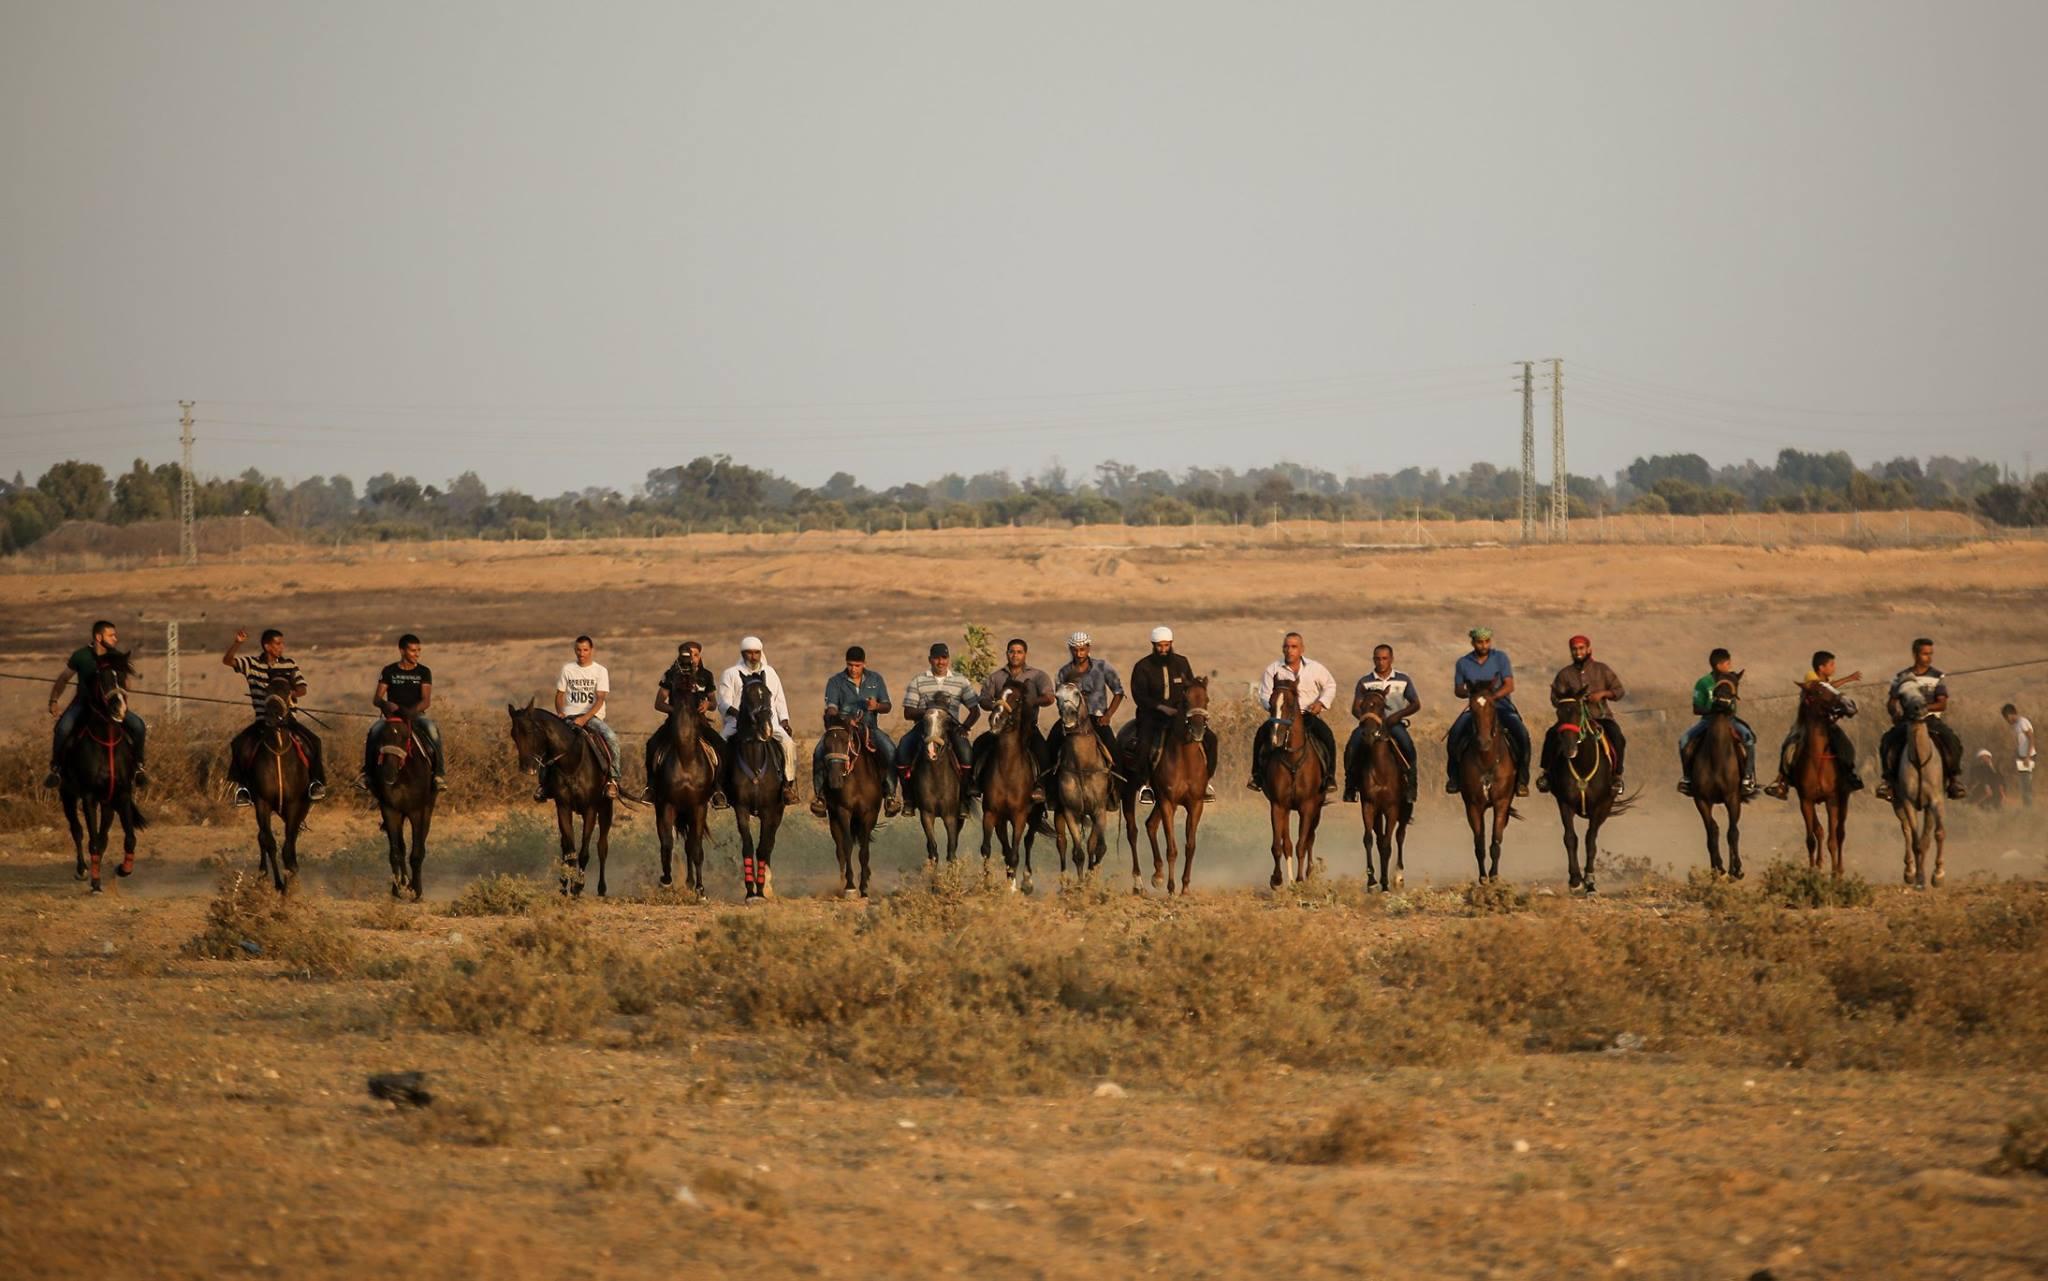 شبان غزيون يستعرضون مهاراتهم في ركوب الخيل بالقرب من المناطق الحدودية